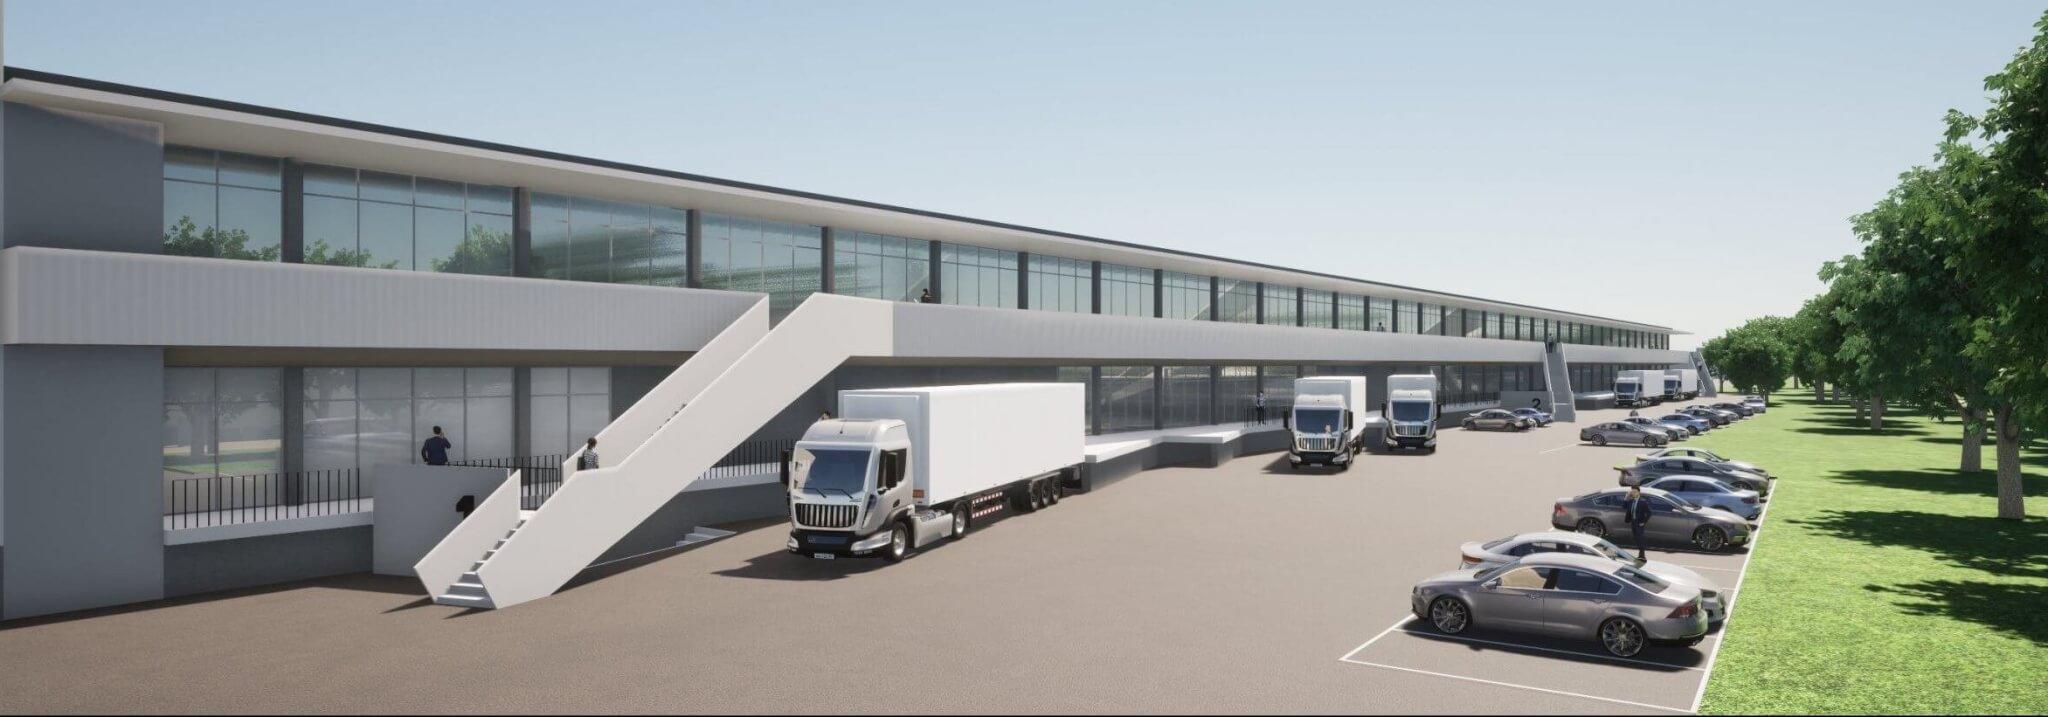 Neues Projekt: Neugestaltung der ehem. OSRAM Logistik zum modernen Gewerbepark